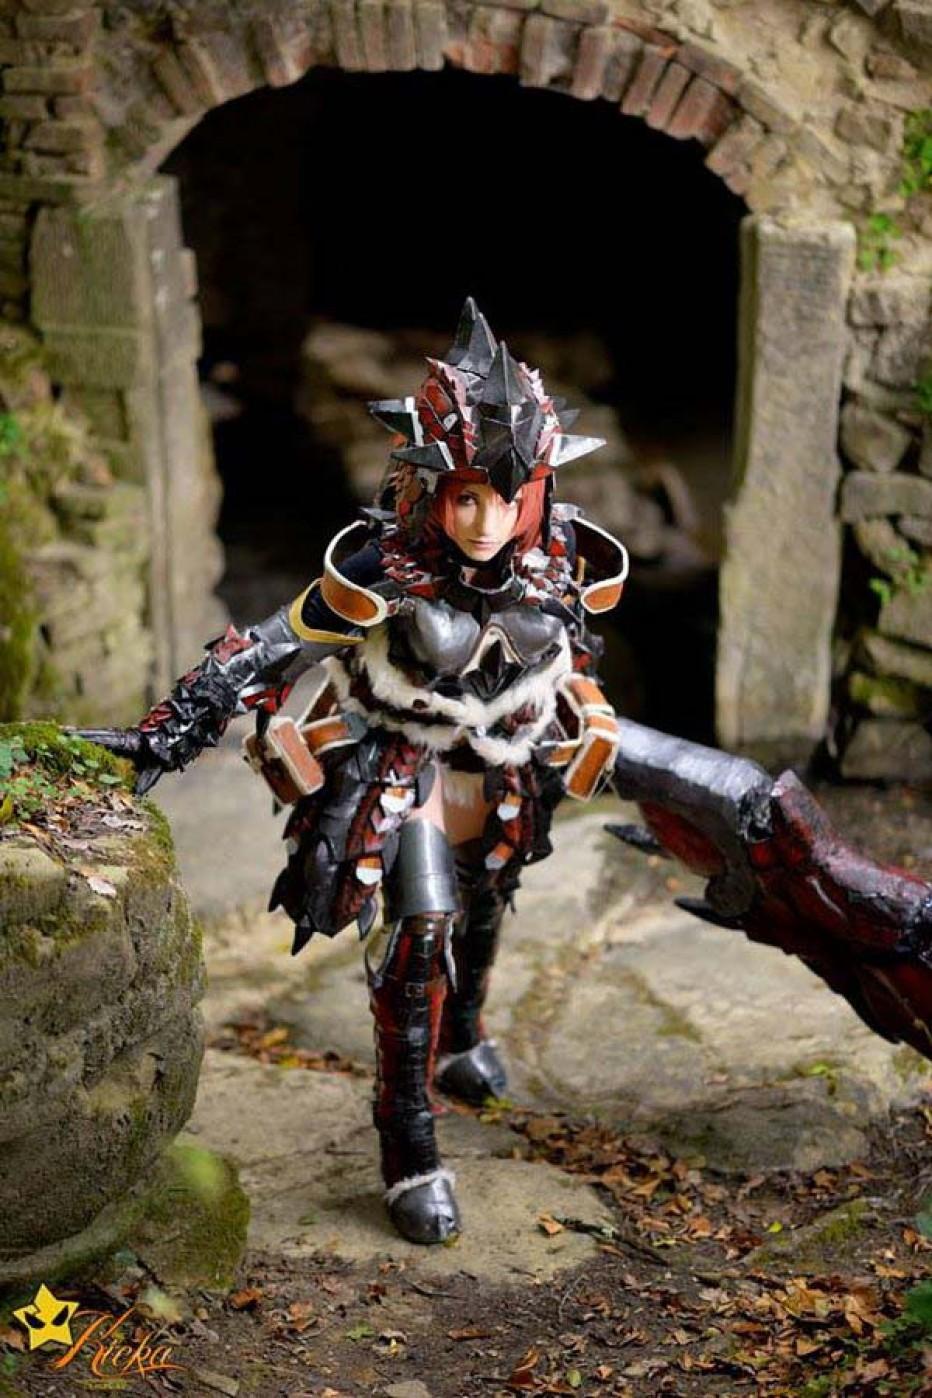 rathalos_monster_hunter_cosplay_by_kickacosplay-d7znx4l.jpg